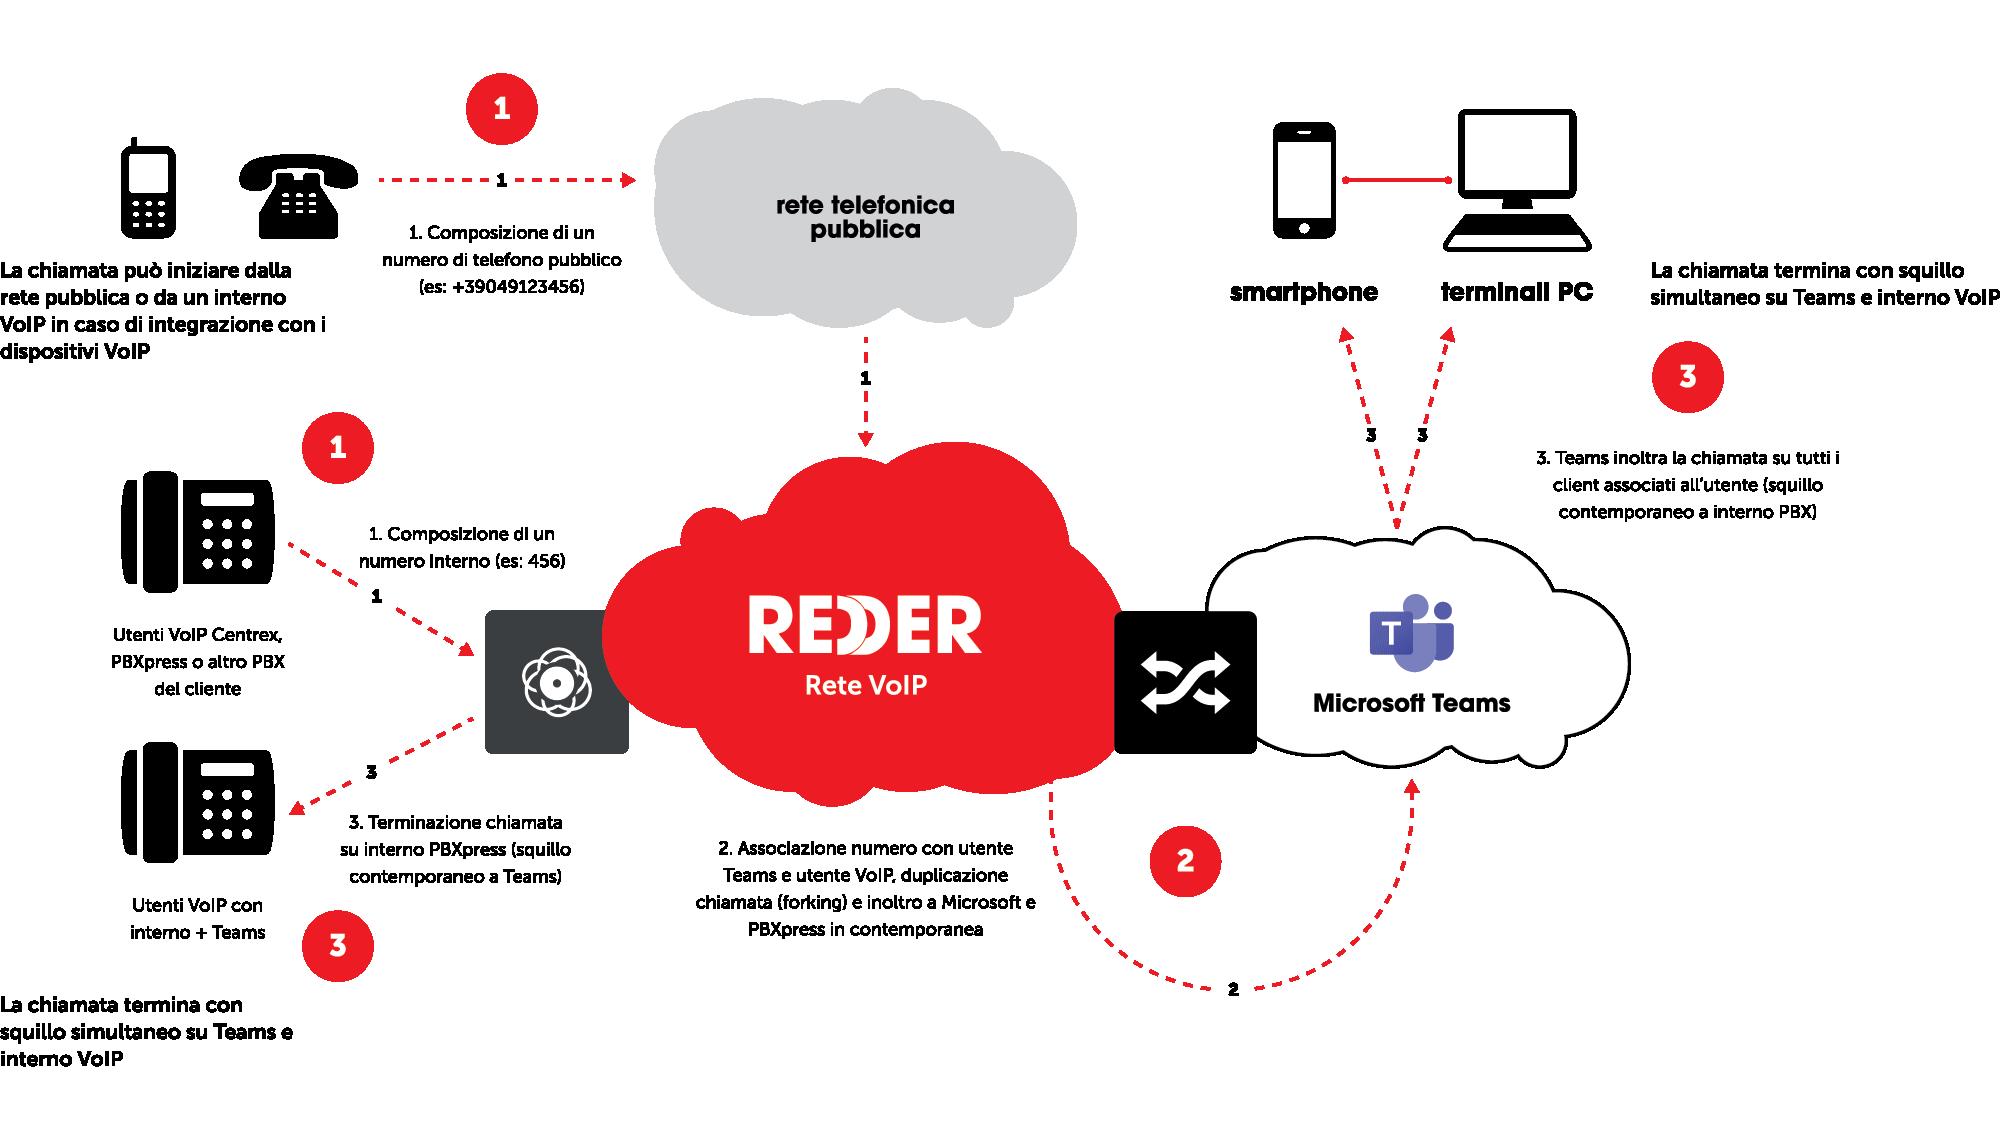 REDDER - Microsoft Teams